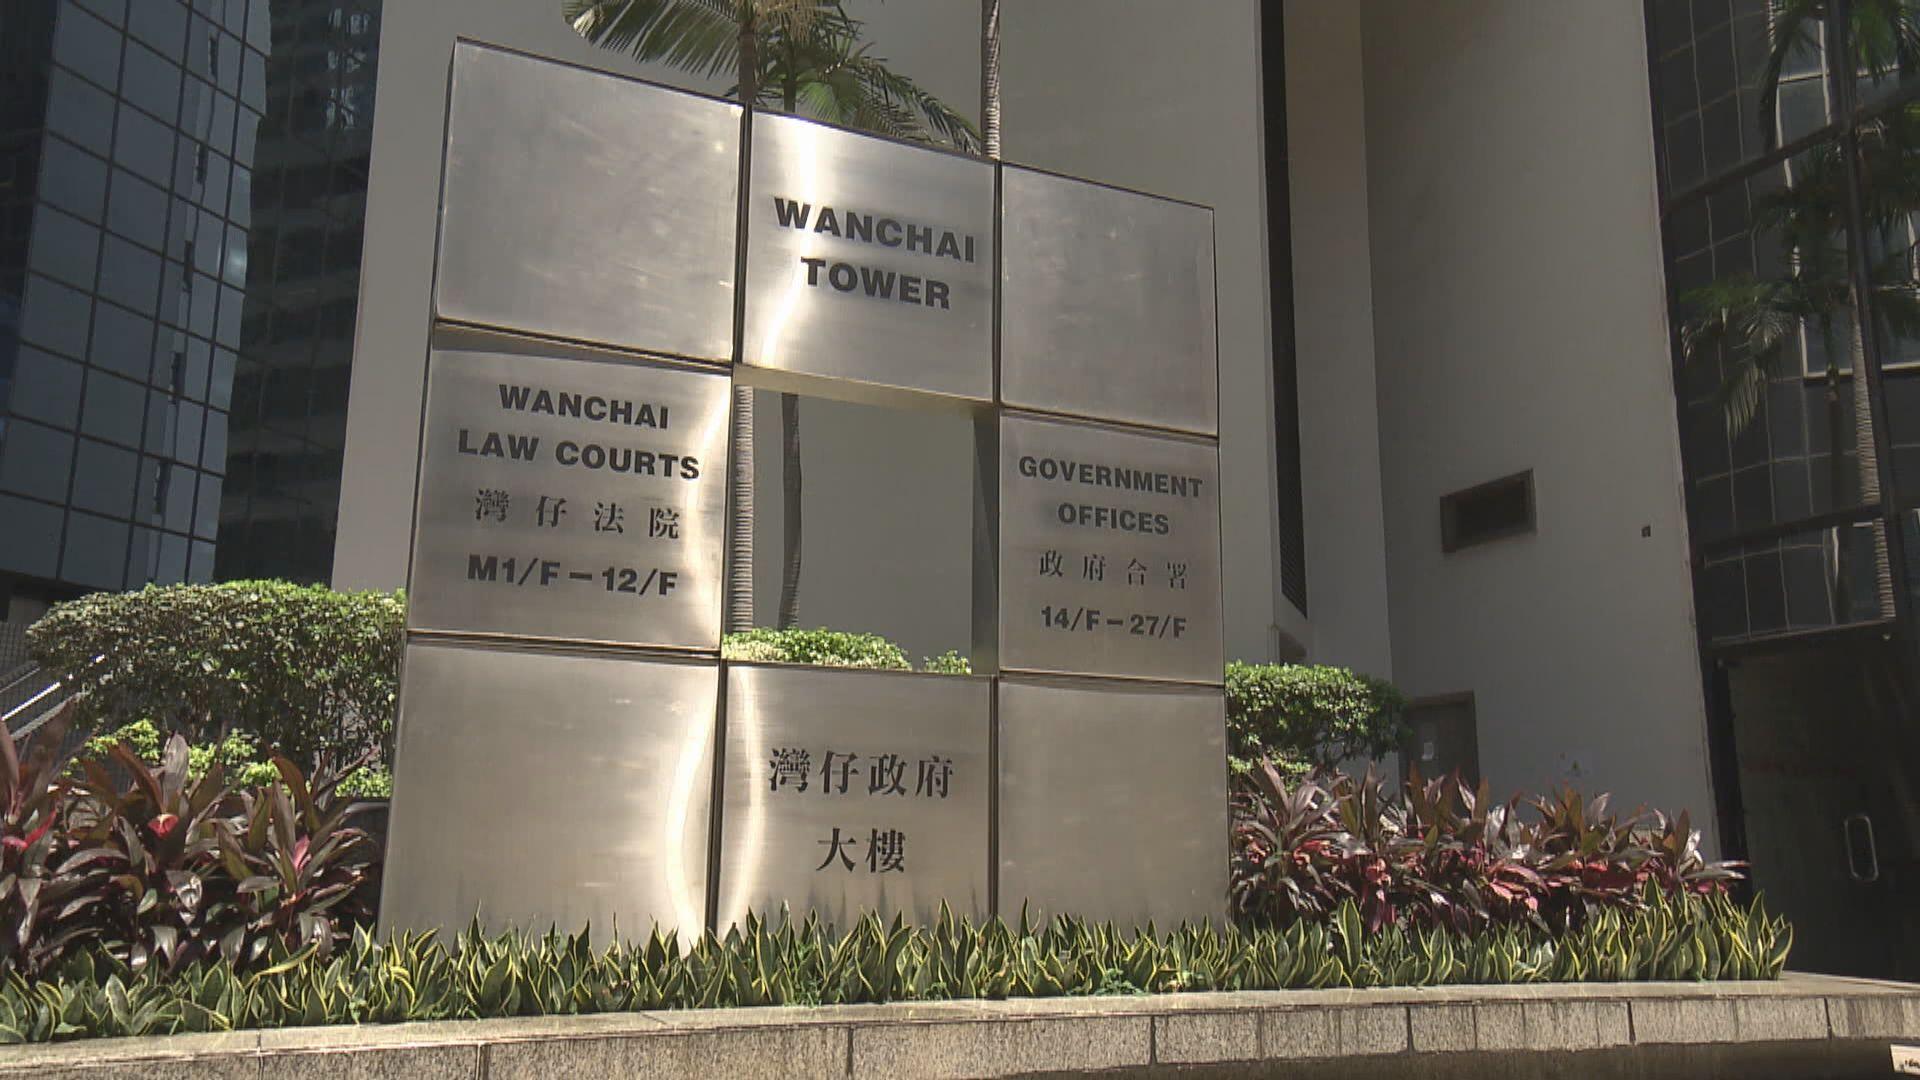 15人被控去年831參與暴動 原本負責法官郭偉健被撤換